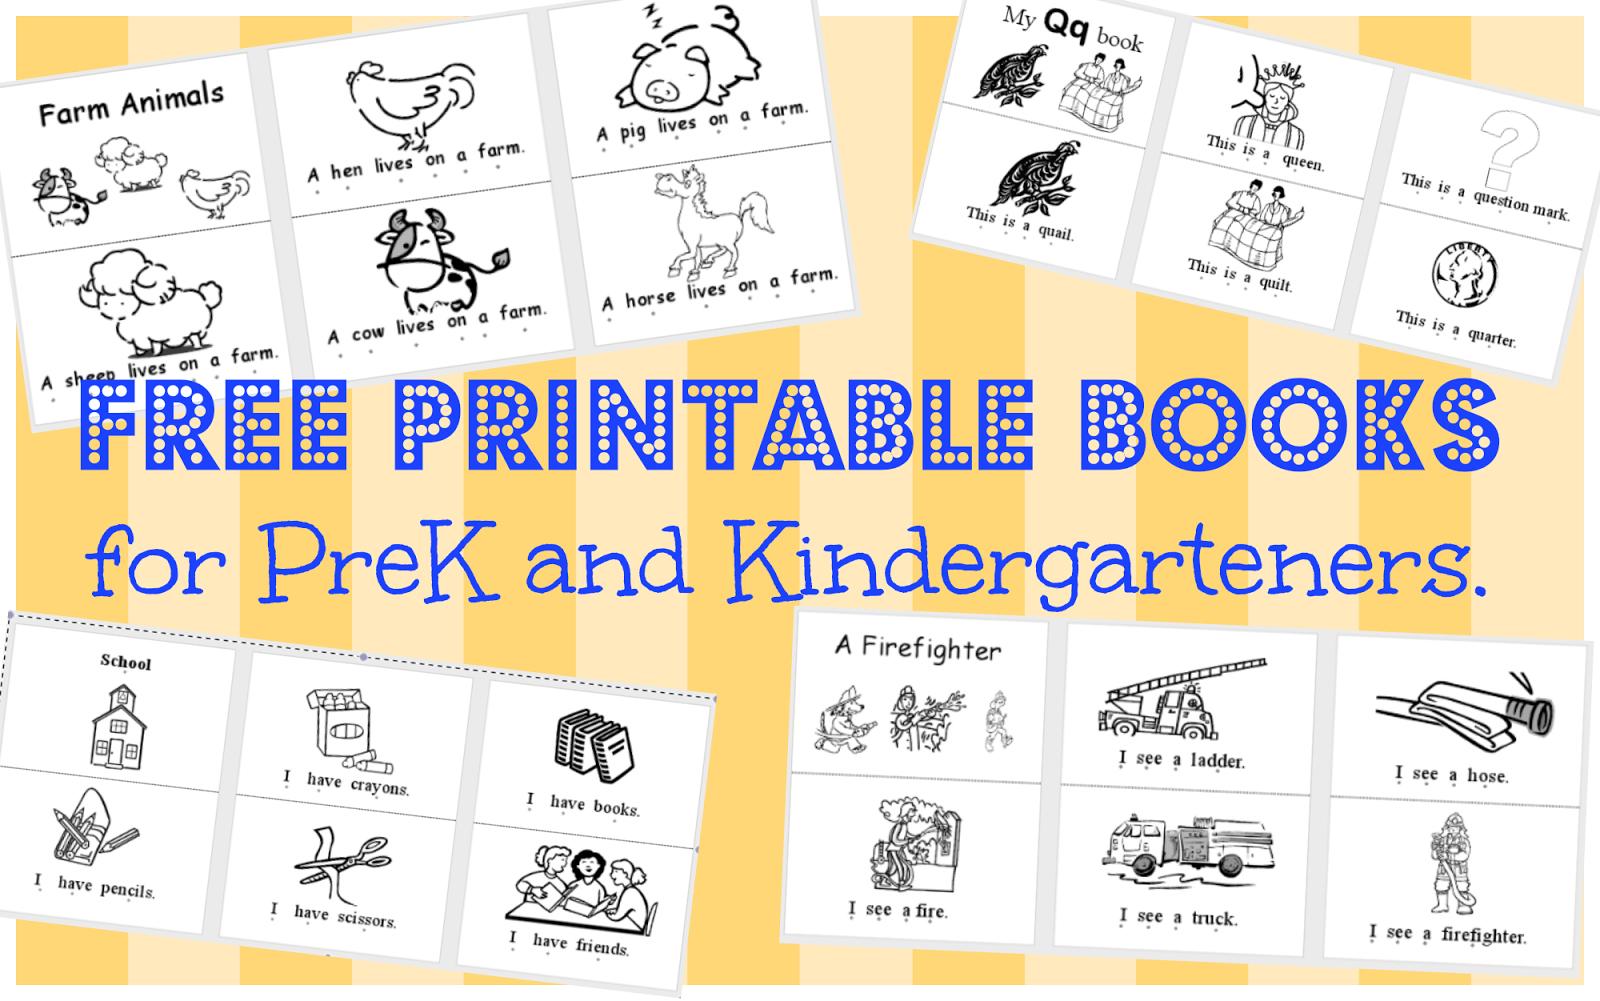 Free Printable Booklets For Preschoolers Printable Alphabet Booklets - Free Printable Stories For Preschoolers